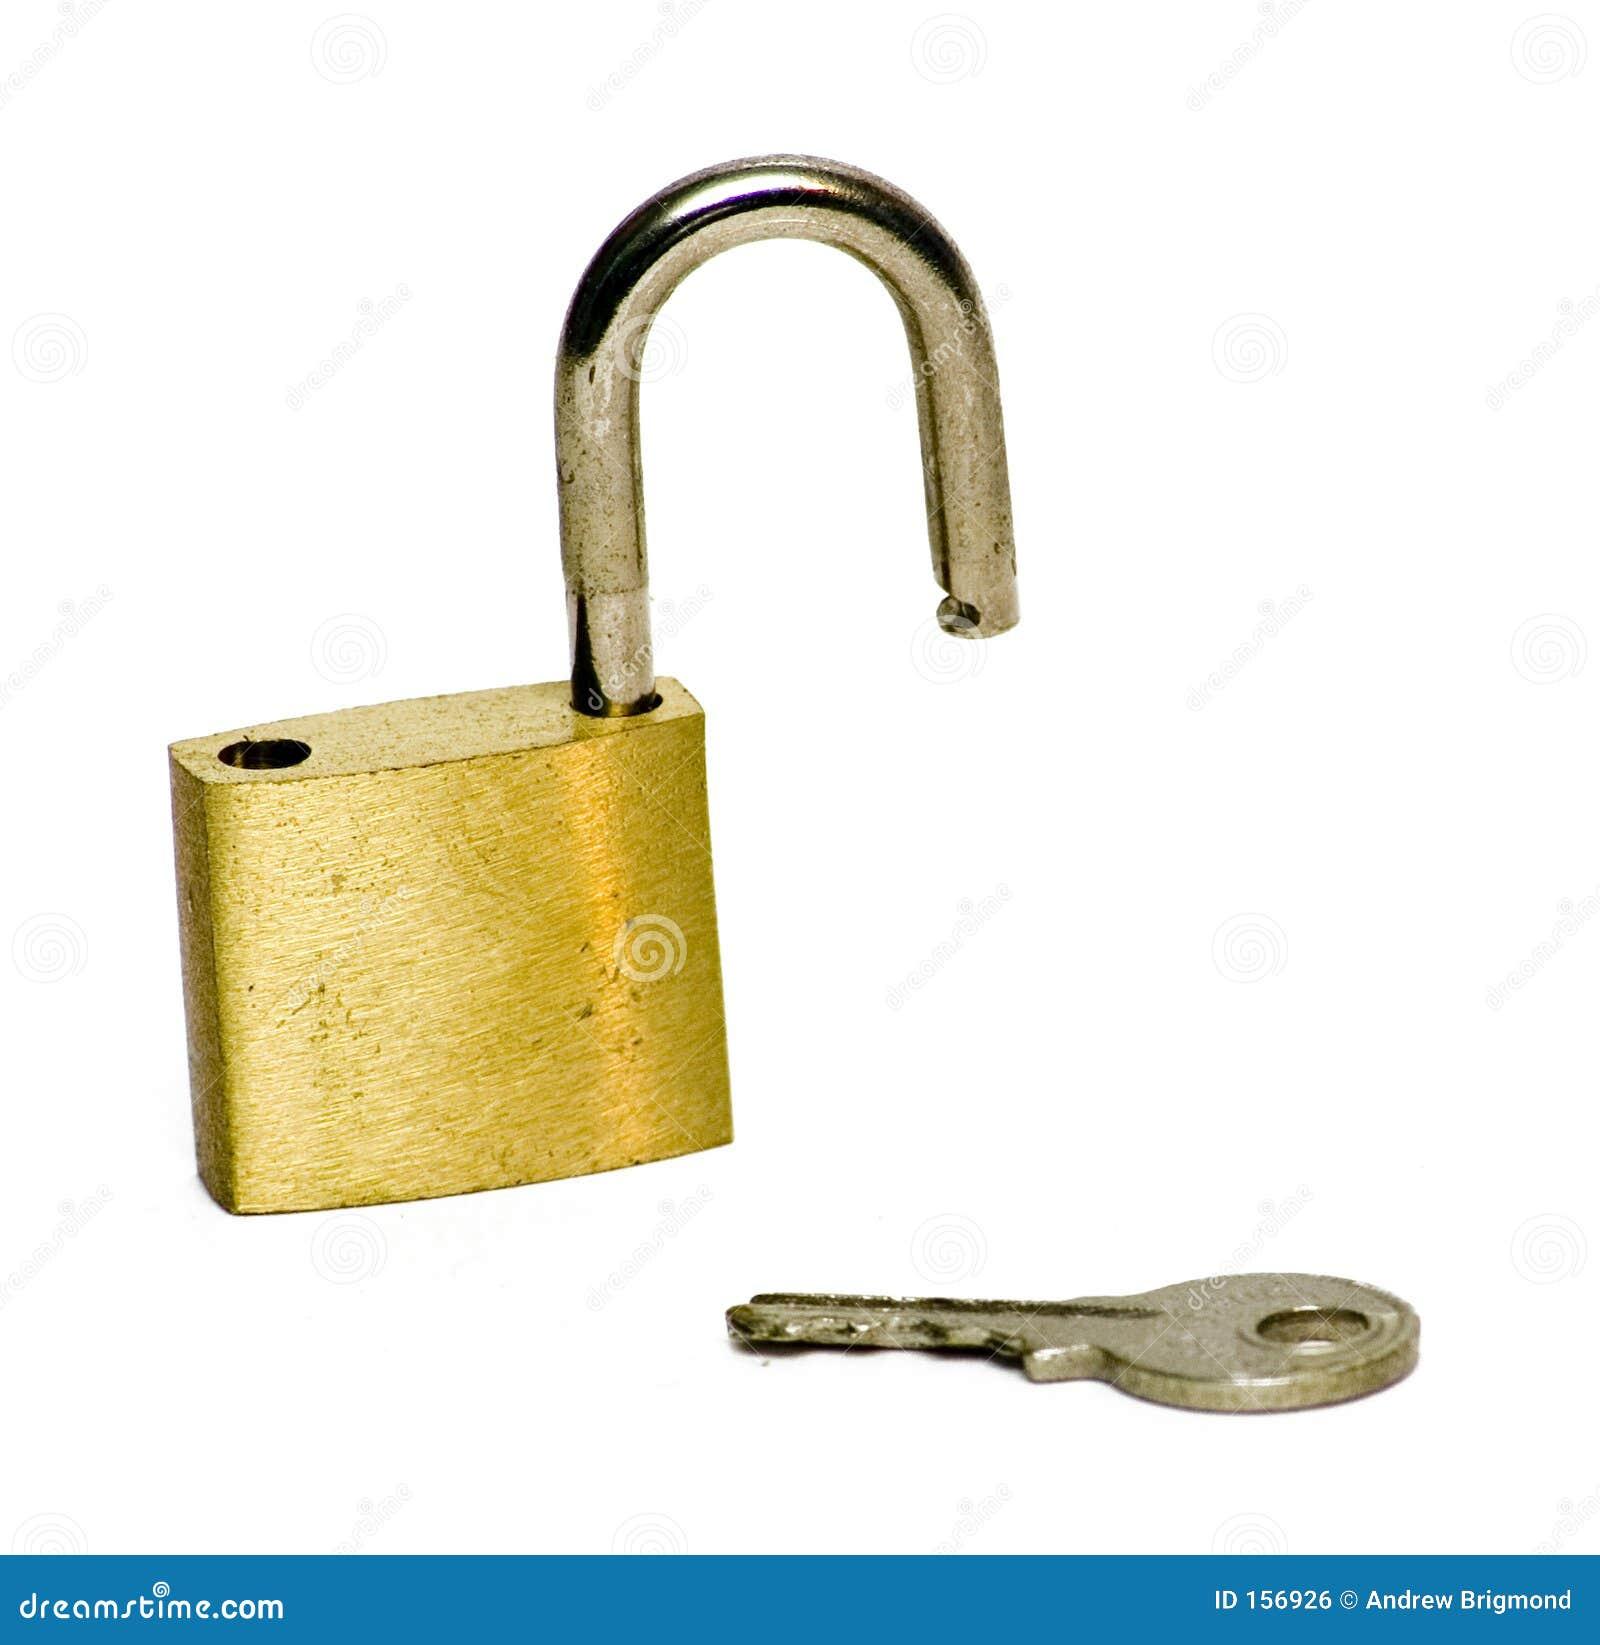 Lock and Key (Unlocked)